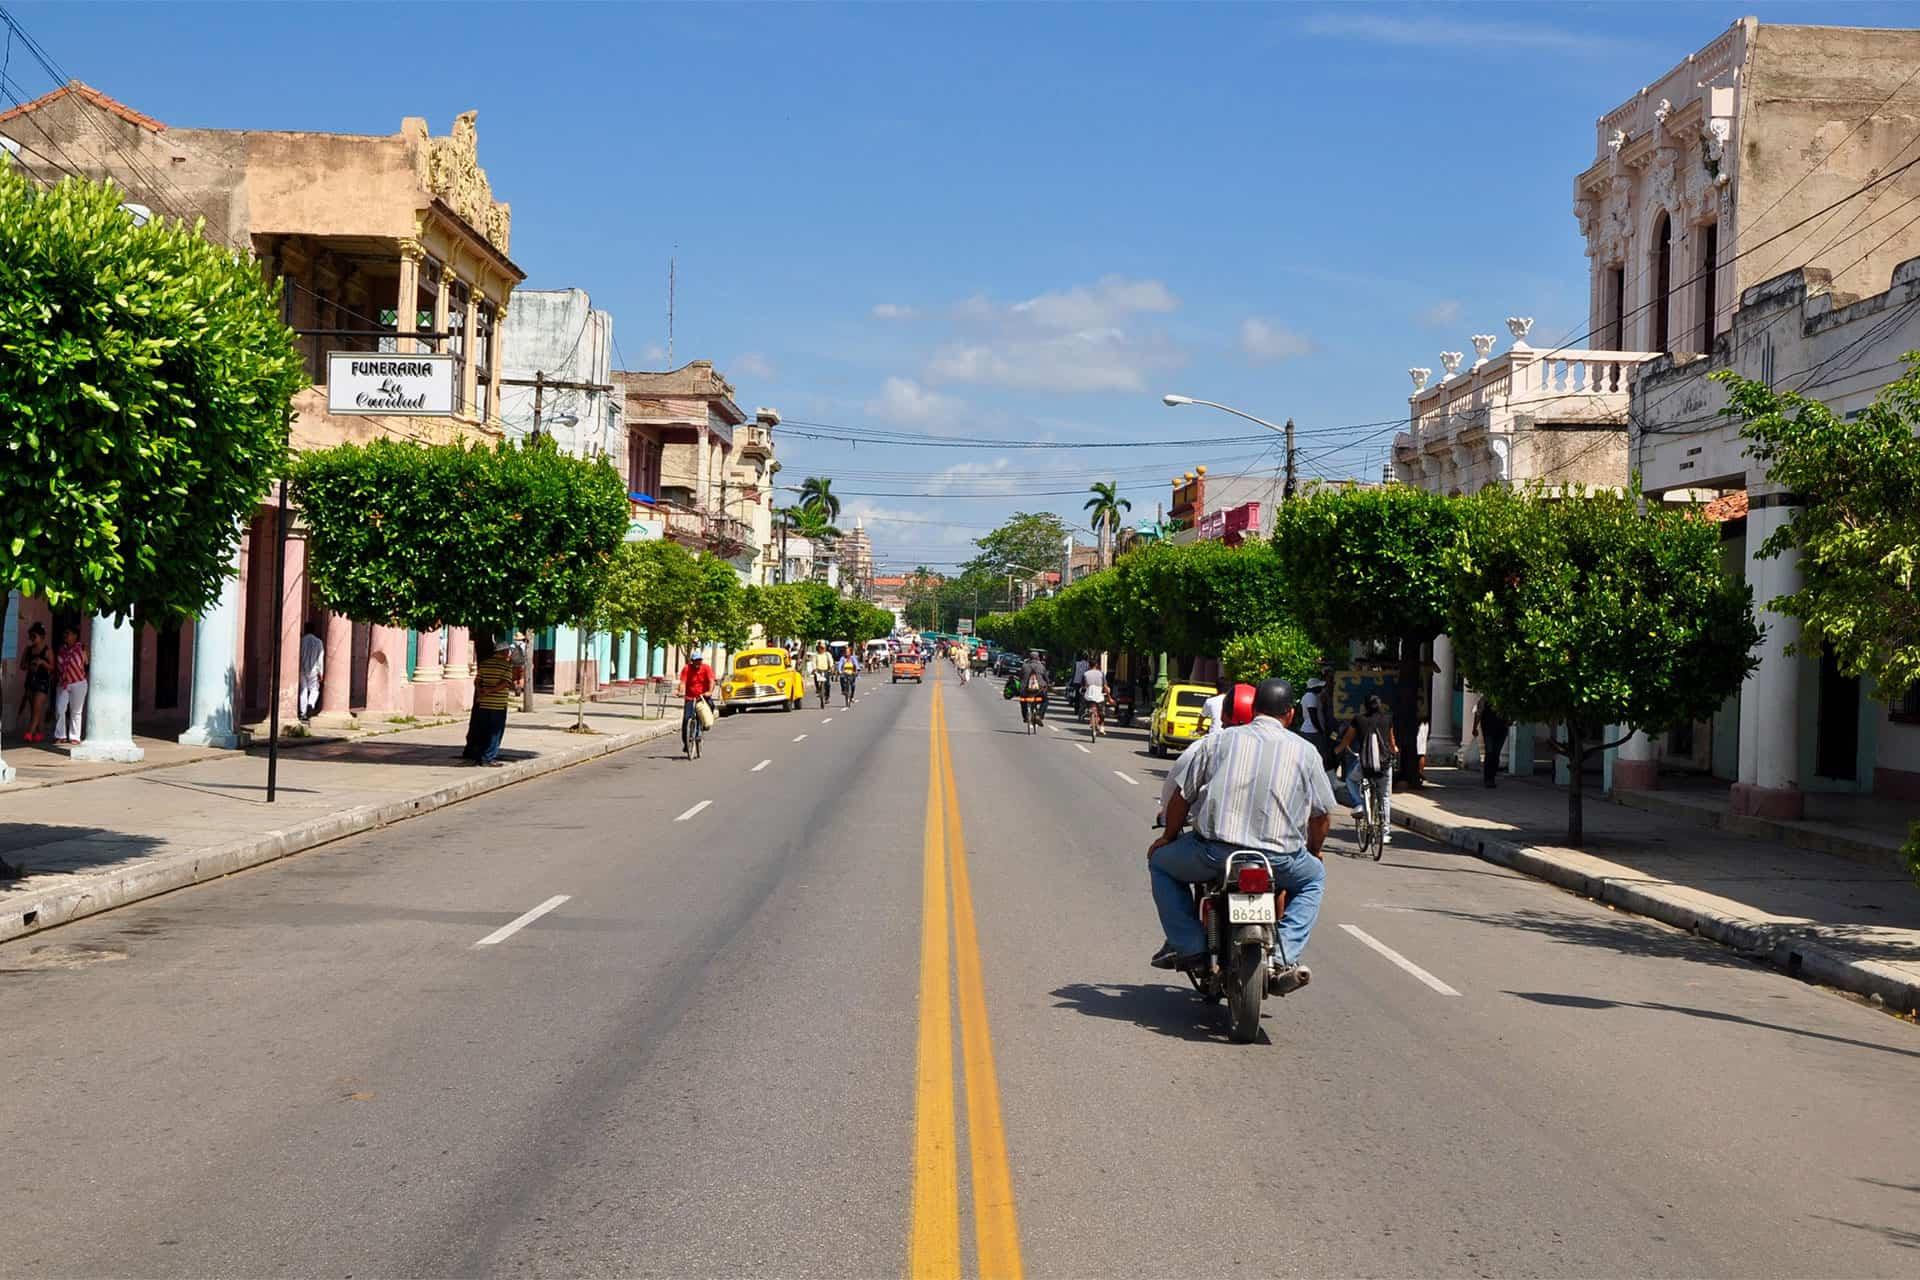 camaguey rue cuba autrement